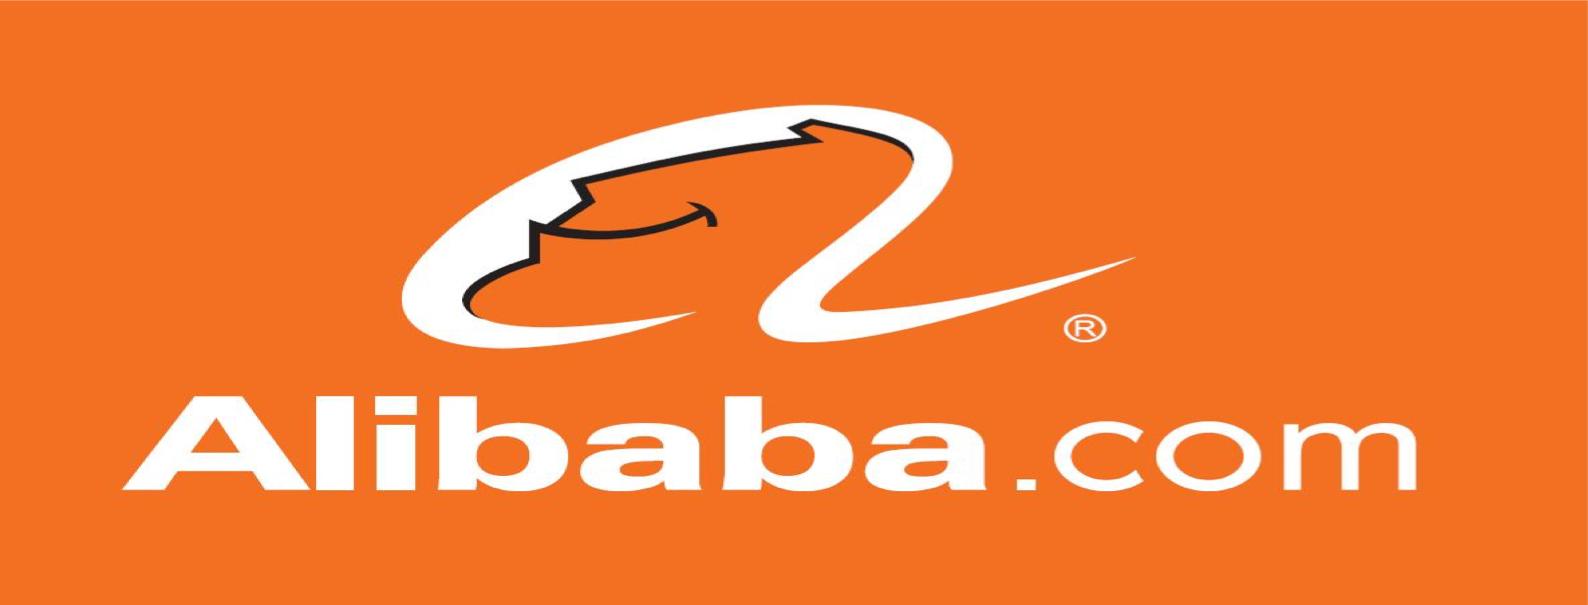 porcisan_Alibaba-logo